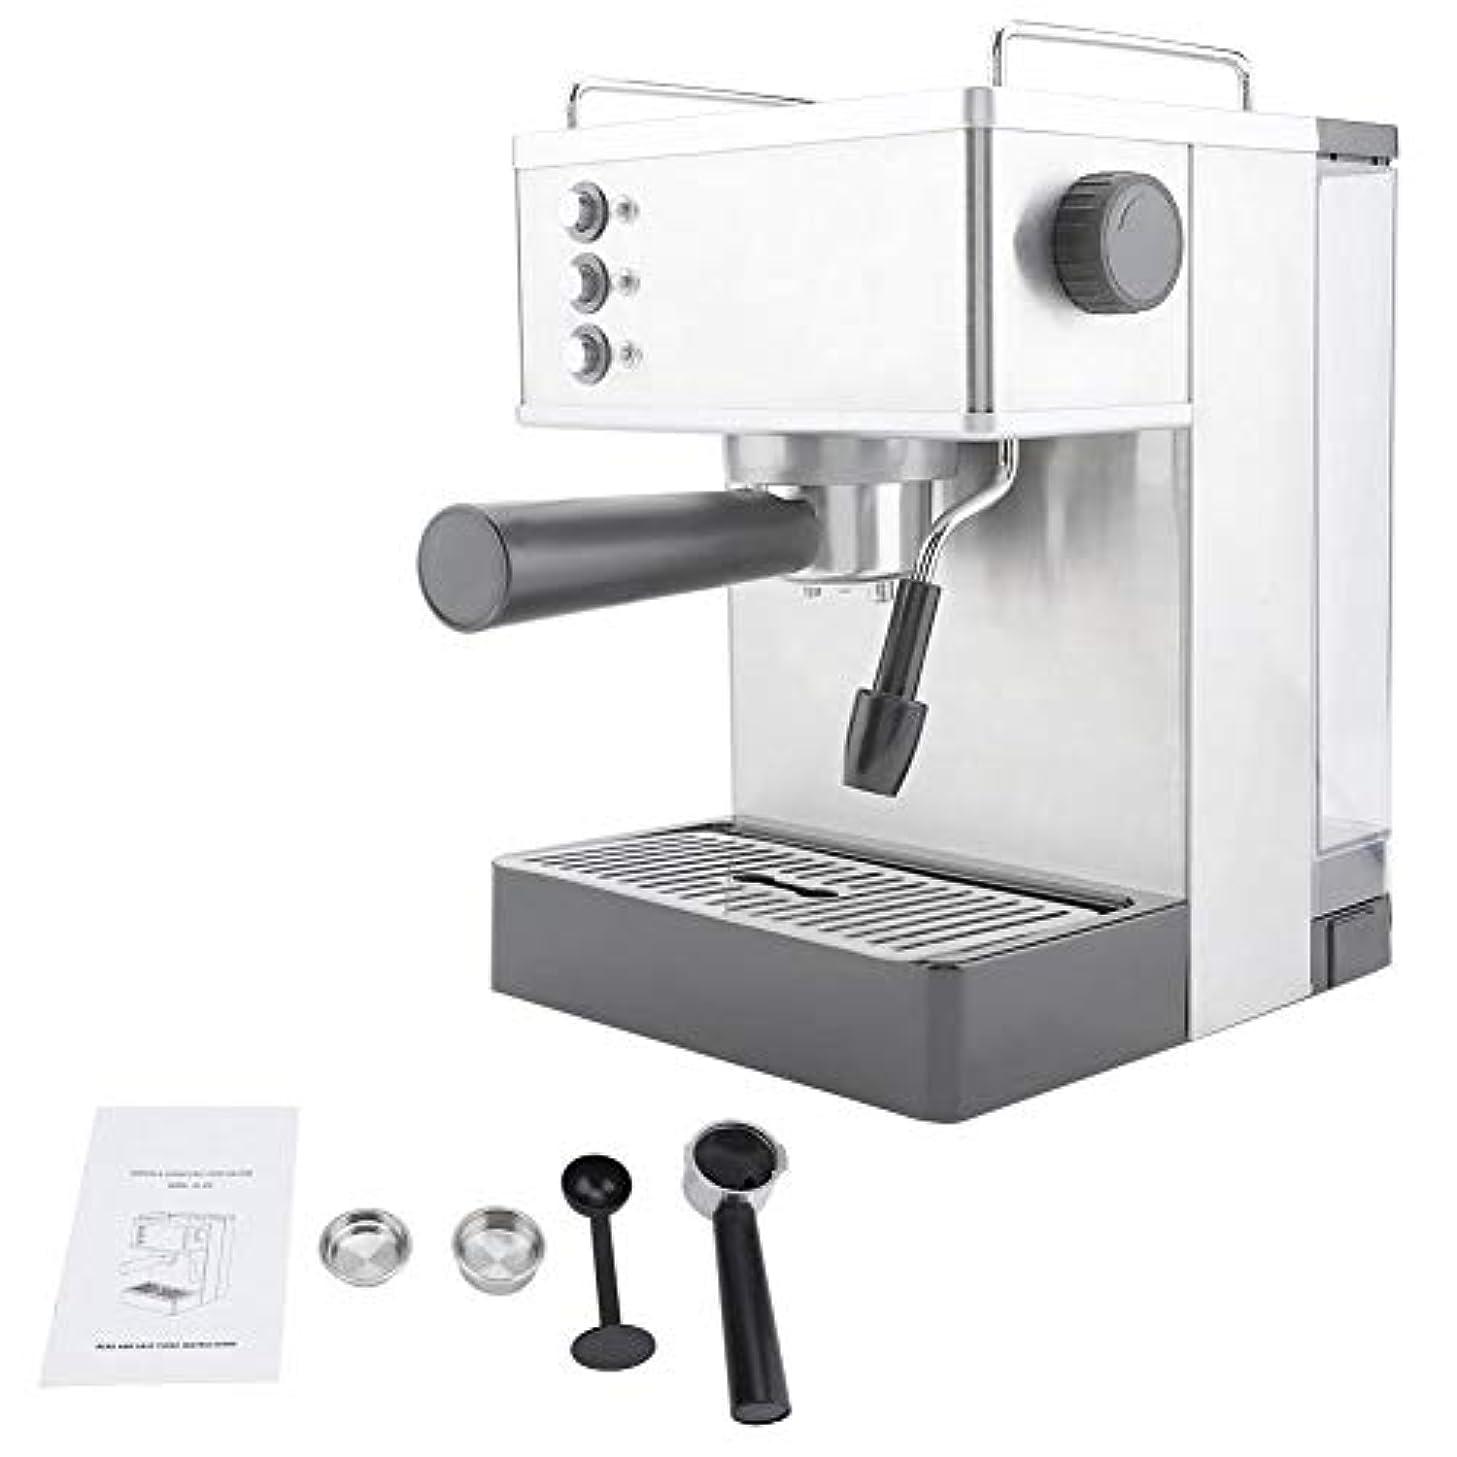 煙突パニック計器コーヒーマシン、ステンレススチールエスプレッソコーヒーマシンコーヒーメーカー高圧イタリアポンプ(US Plug)